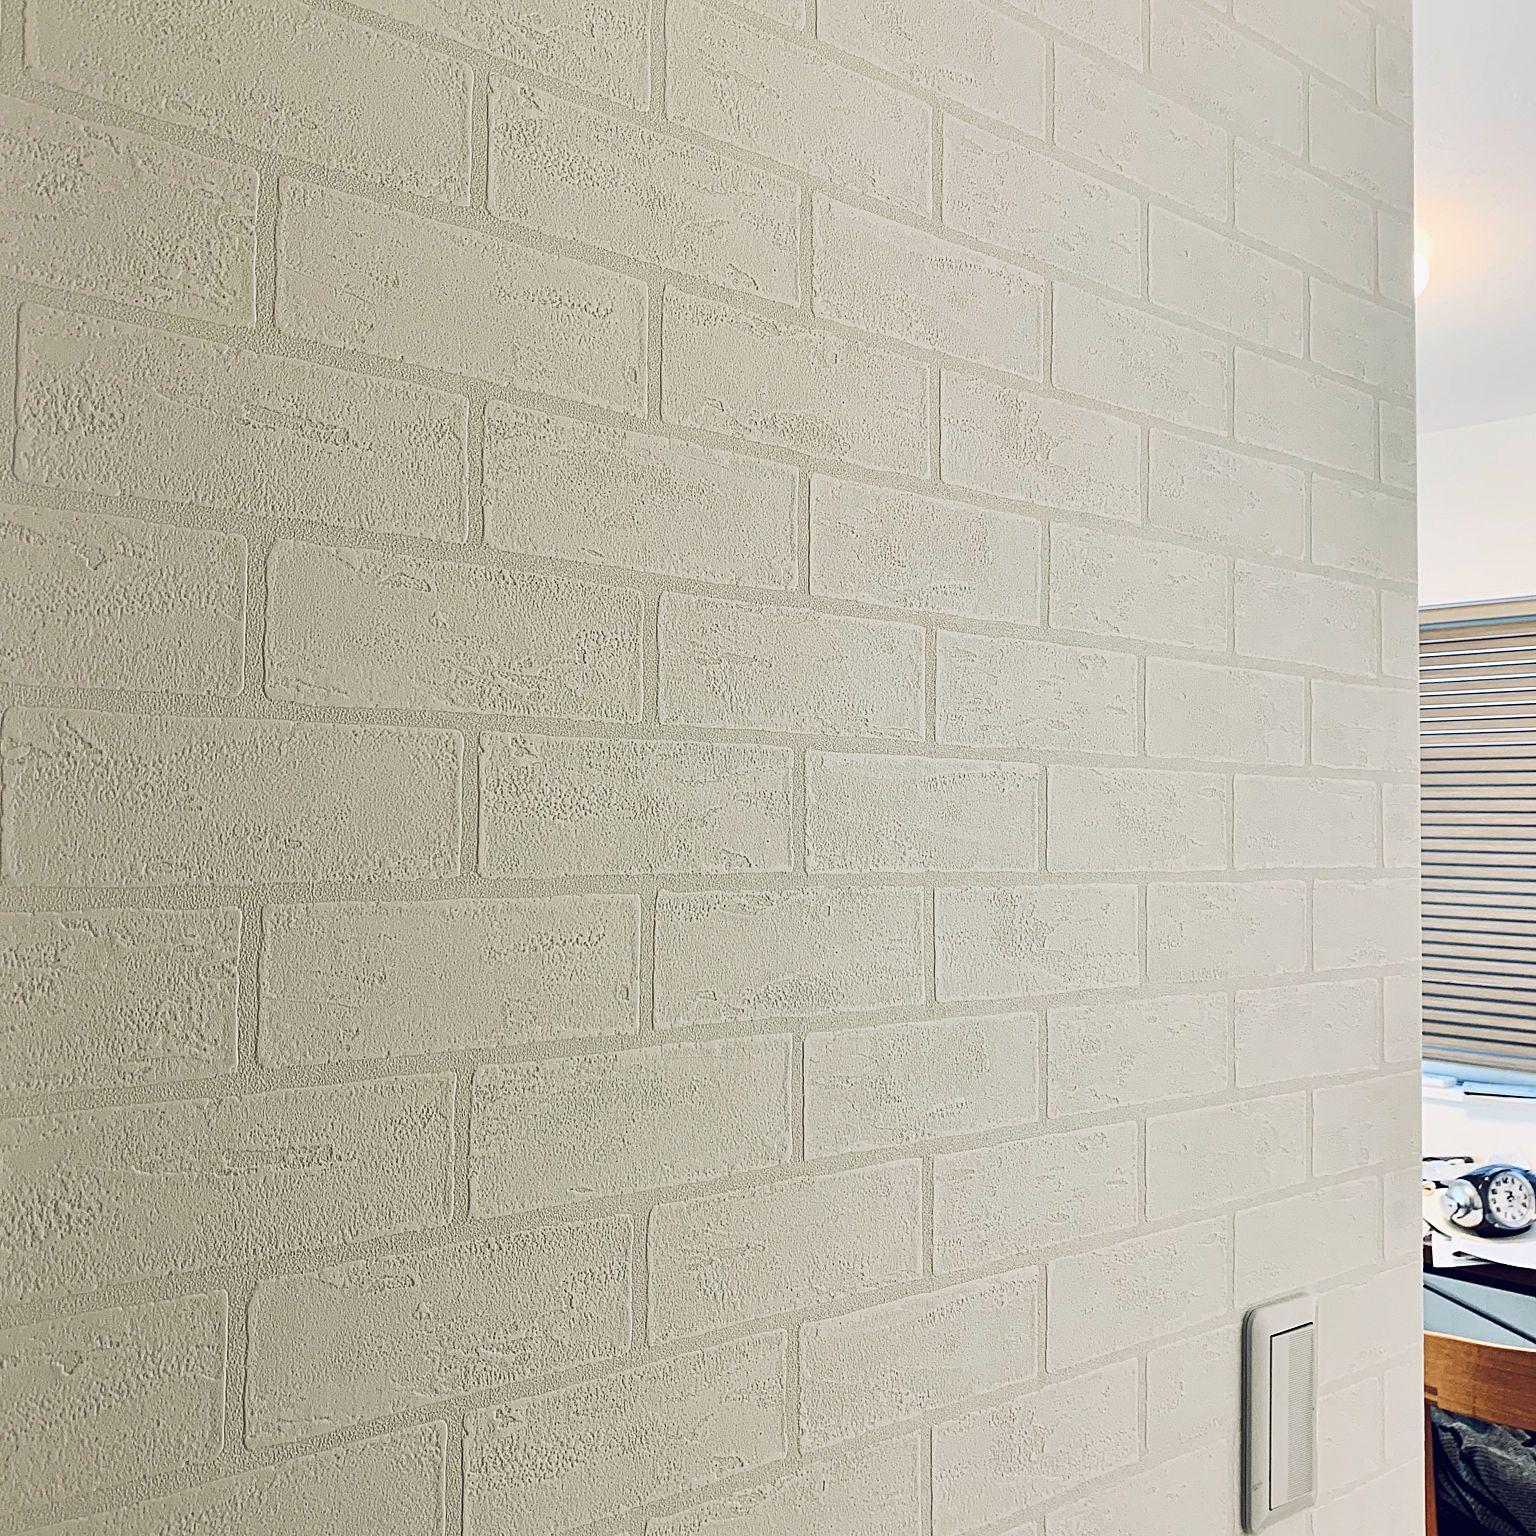 内装 おしゃれまとめの人気アイデア Pinterest Masa Apples 家の壁紙 壁紙 レンガ 北欧モダン キッチン